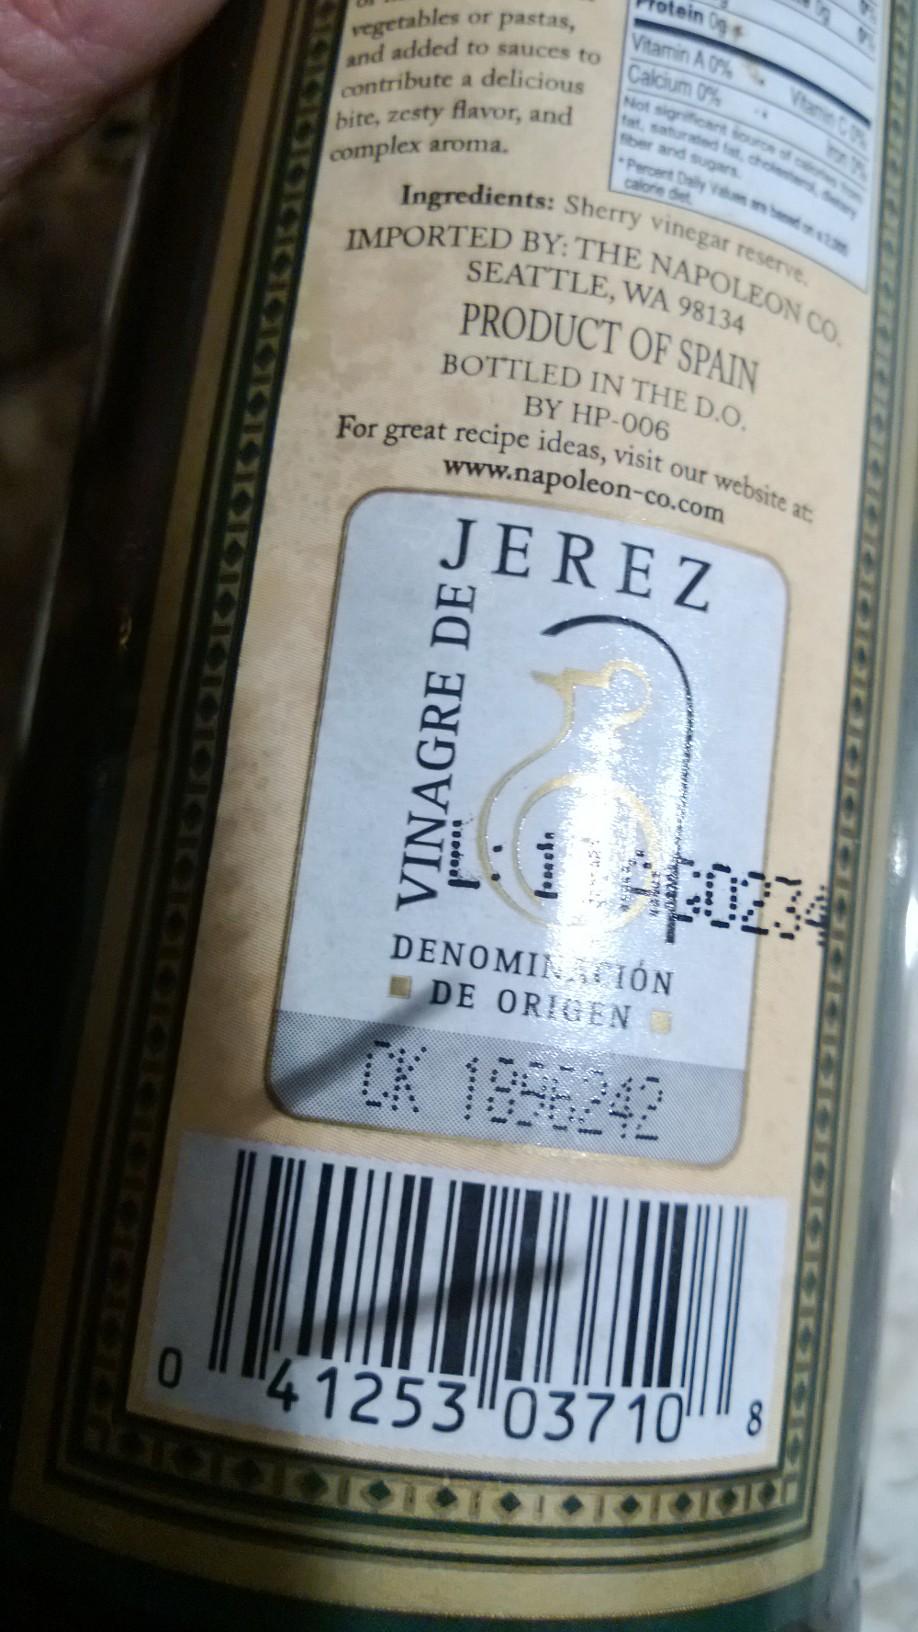 Etiqueta vinagre de Jerez